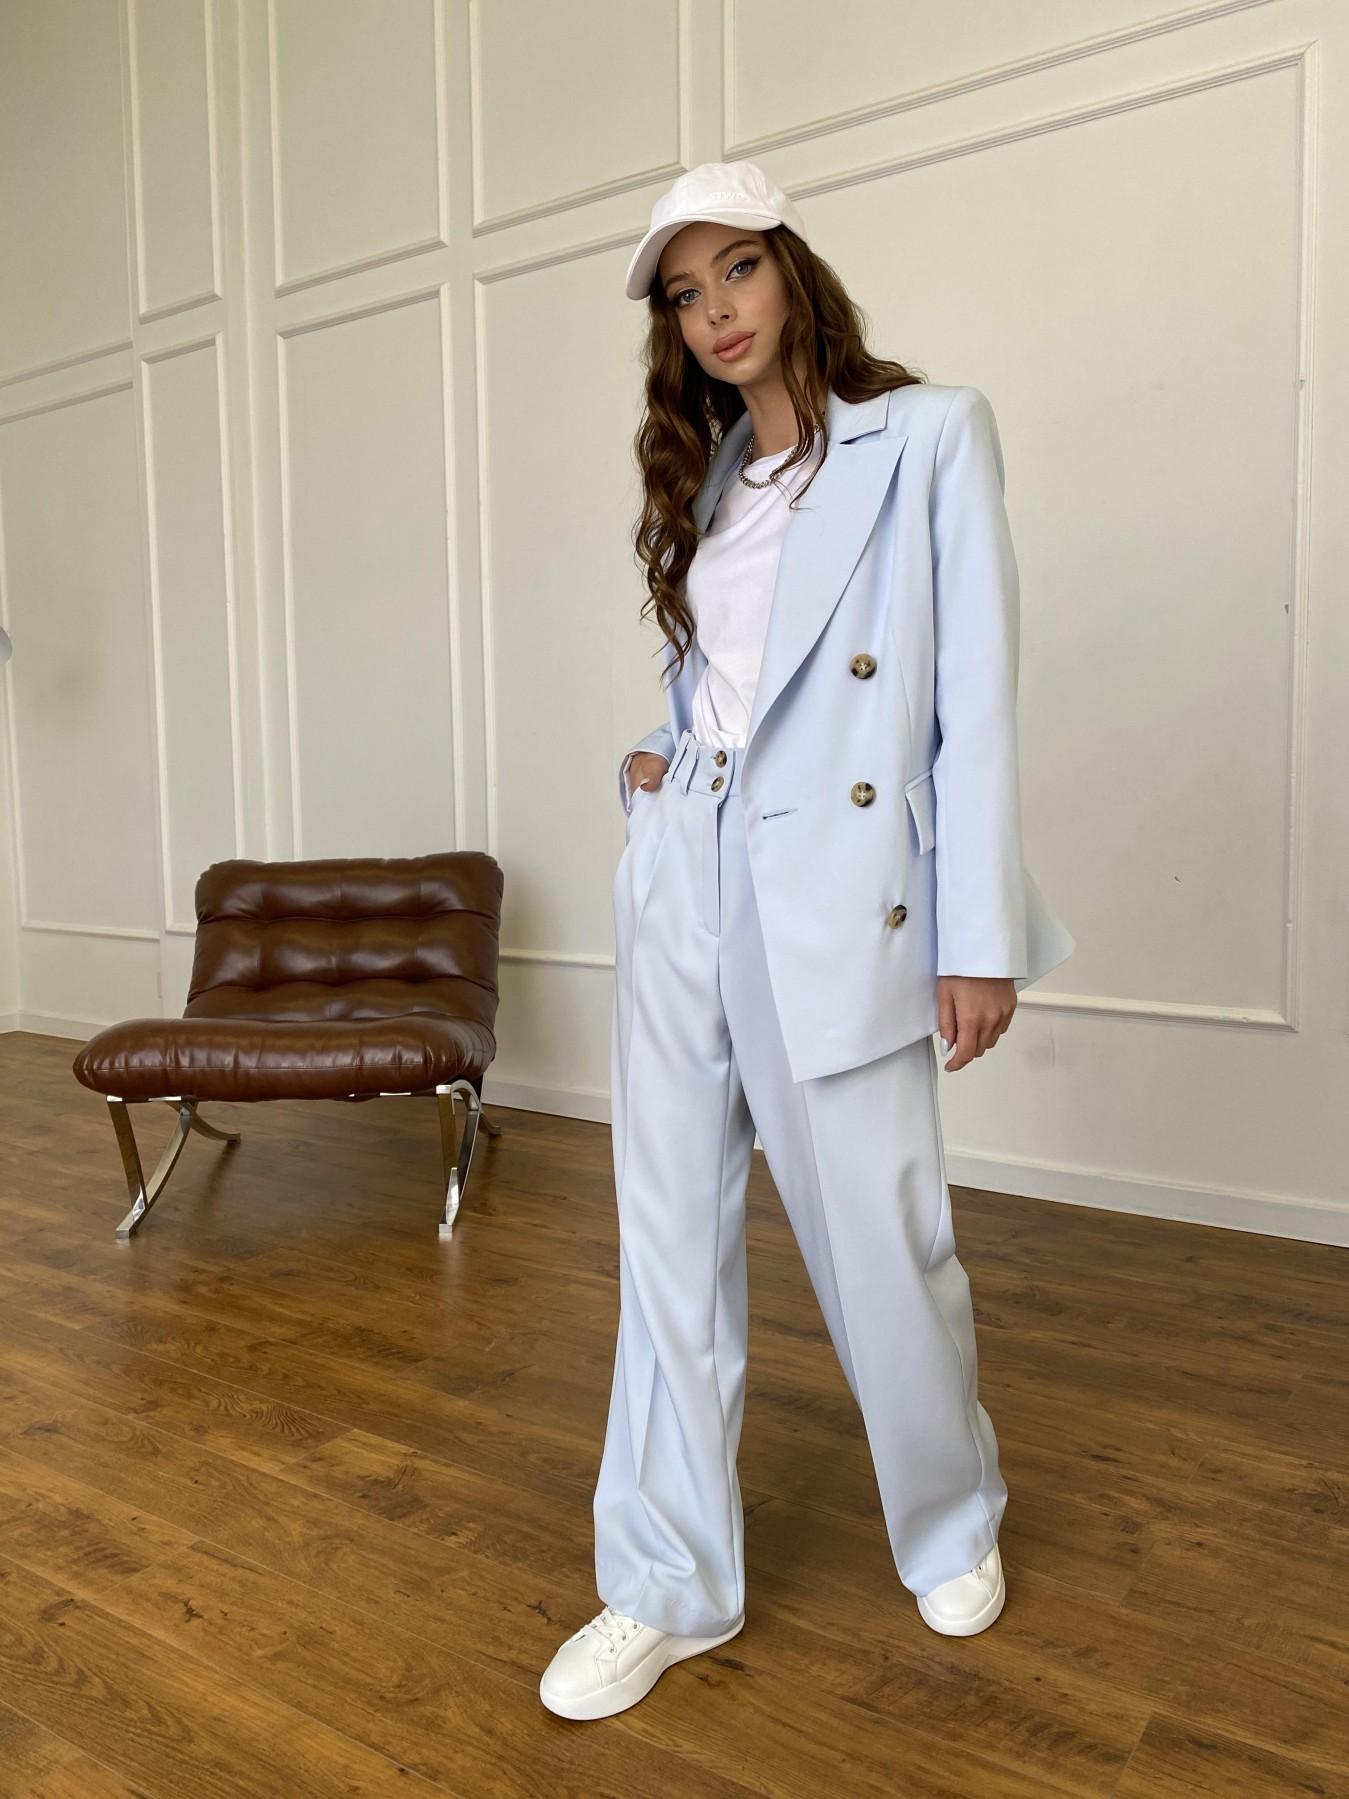 Белисимо жакет из костюмной ткани  стрейч 11192 АРТ. 47697 Цвет: Голубой - фото 5, интернет магазин tm-modus.ru